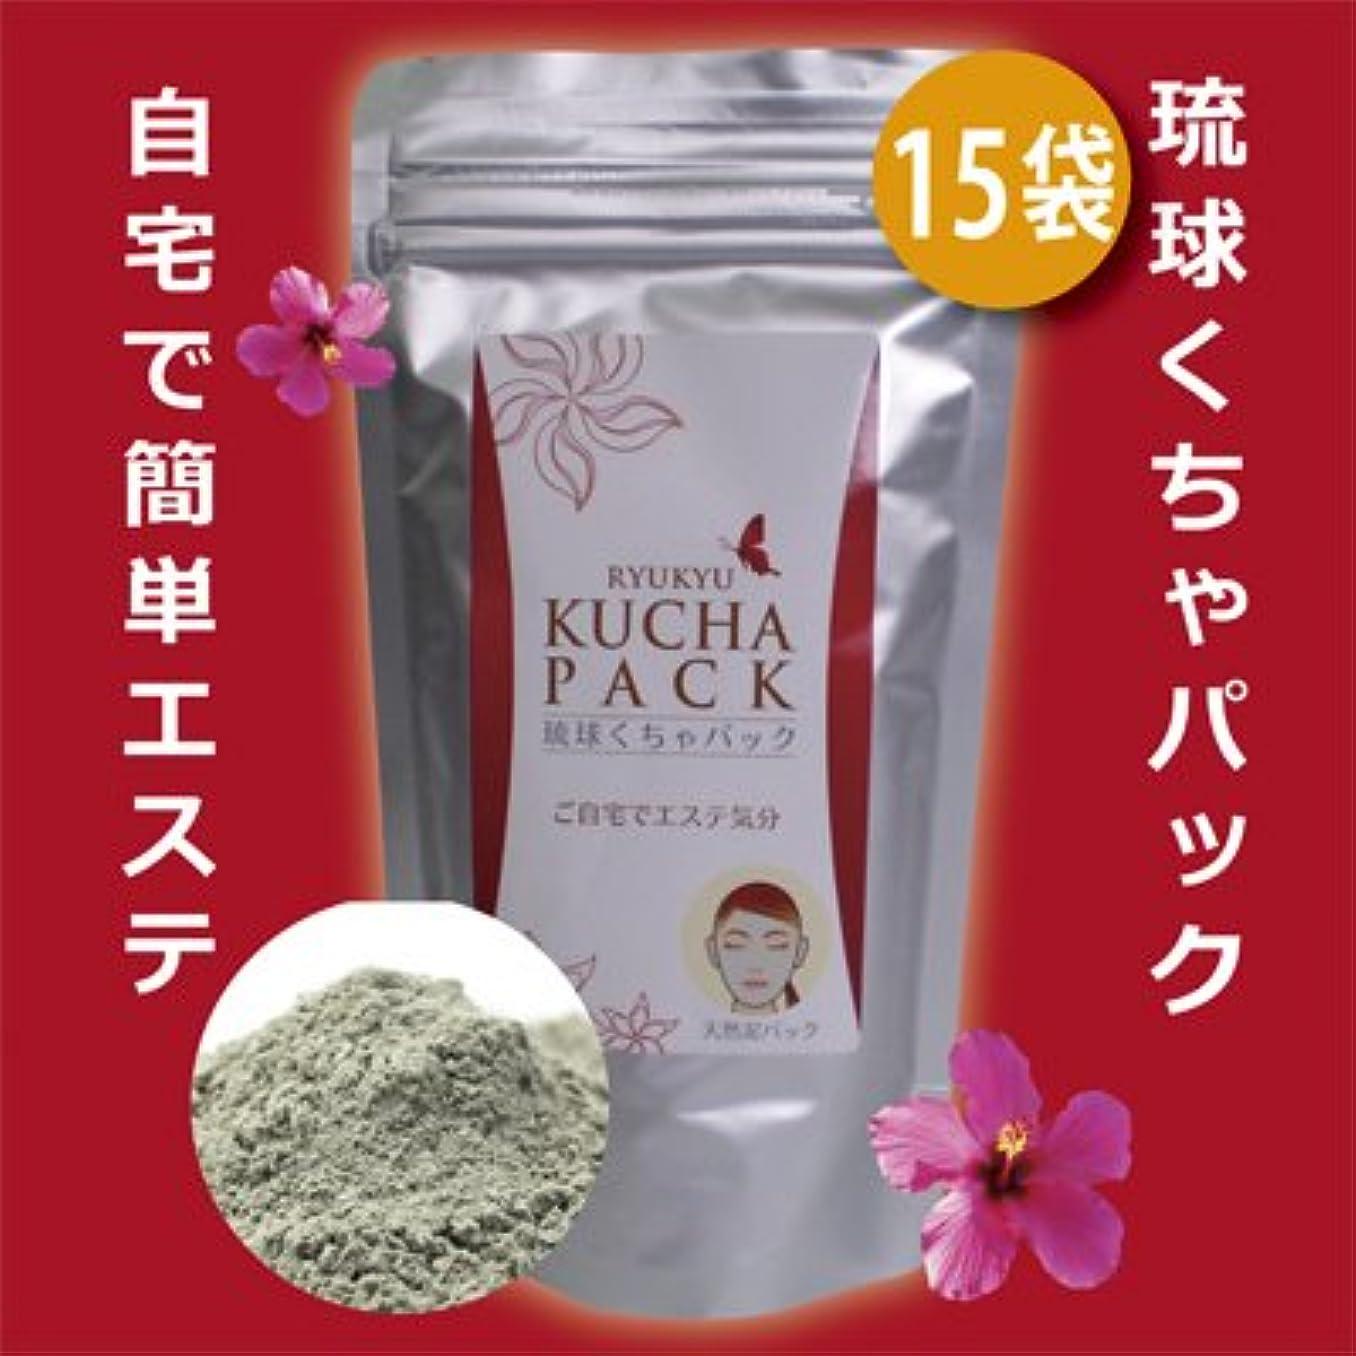 店主り取り替える美肌 健康作り 月桃水を加えた使いやすい粉末 沖縄産 琉球くちゃパック 150g 15パック